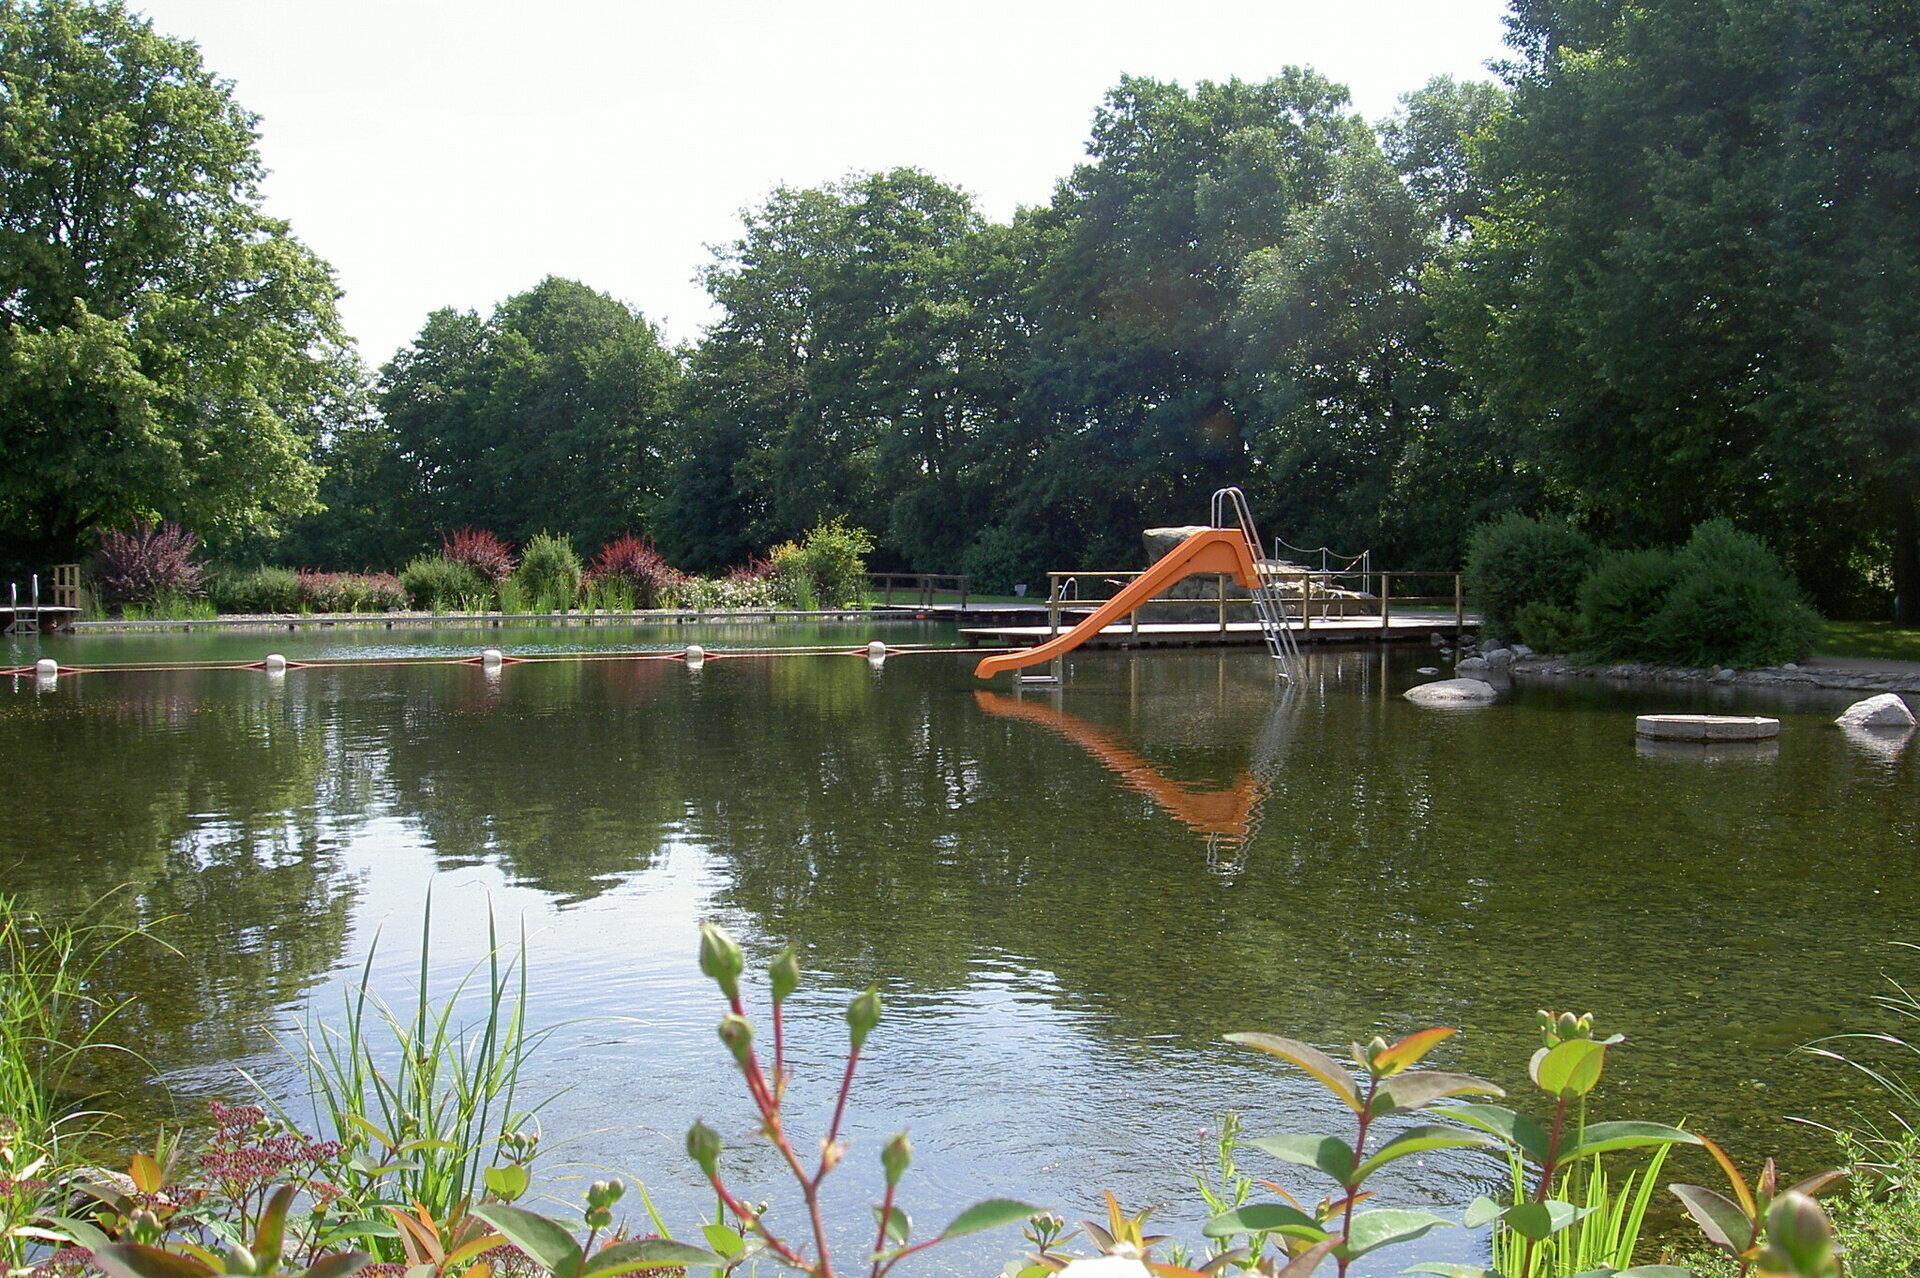 Wasserpark Wennigsen